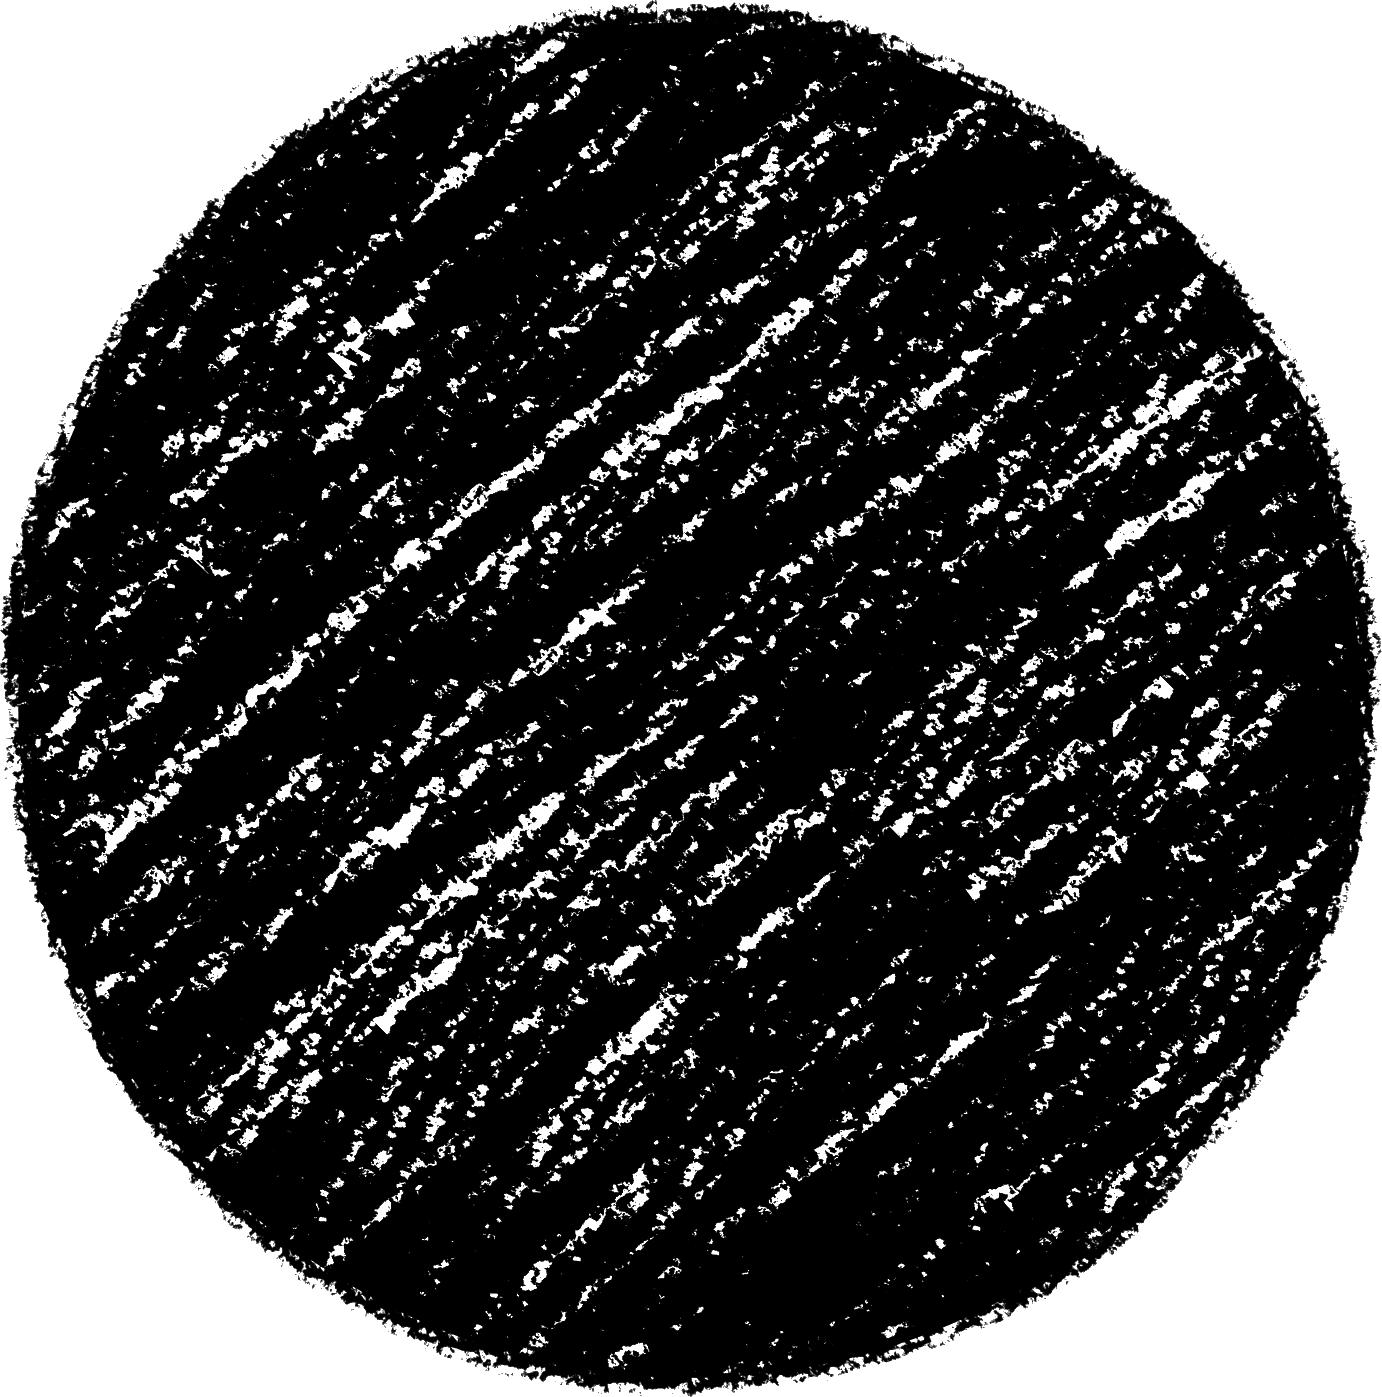 クレヨン塗り背景 新(ブラック)黒丸のイラスト sircle_black